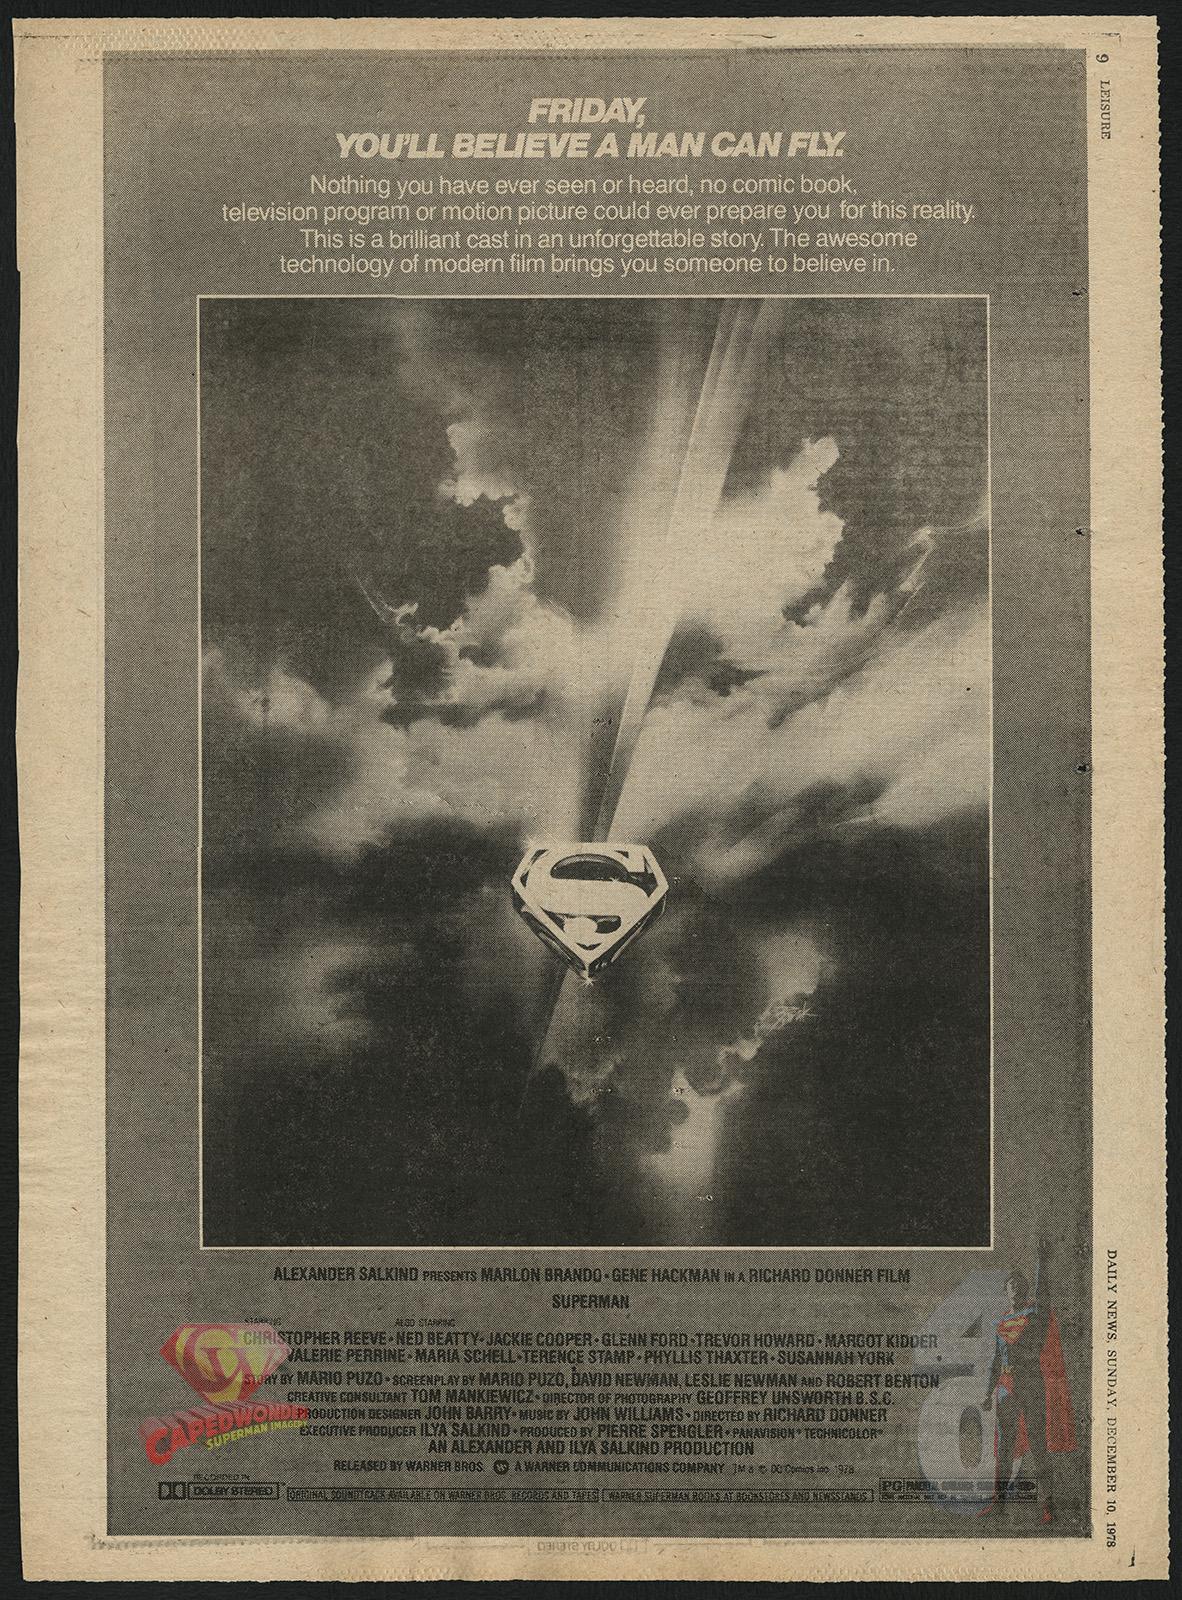 CW-SAM-STM-Daily-News-Dec-10-78